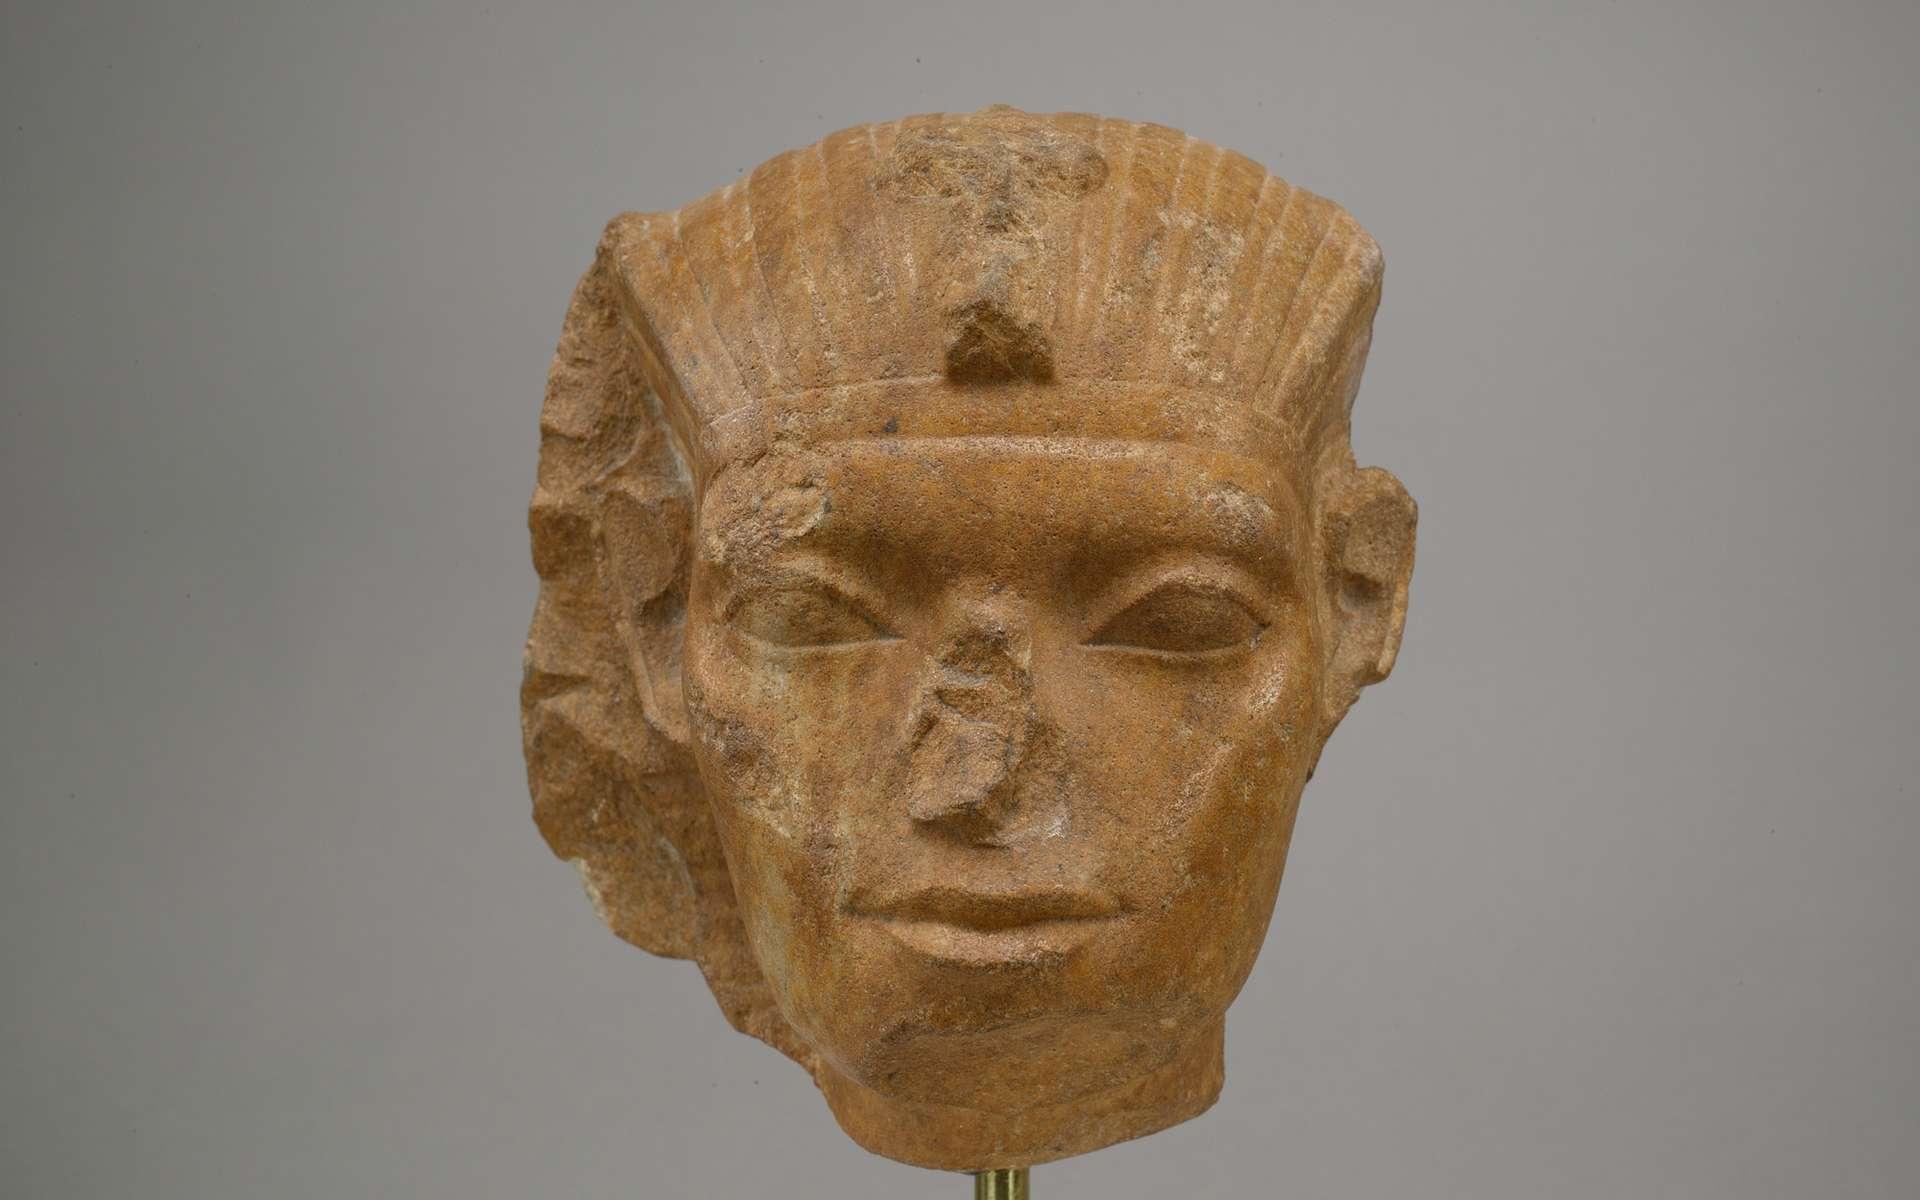 Les nez des rois et divinités égyptiennes ont été endommagés volontairement pour des raisons religieuses ou culturelles. © The Metropolitan Museum of Art